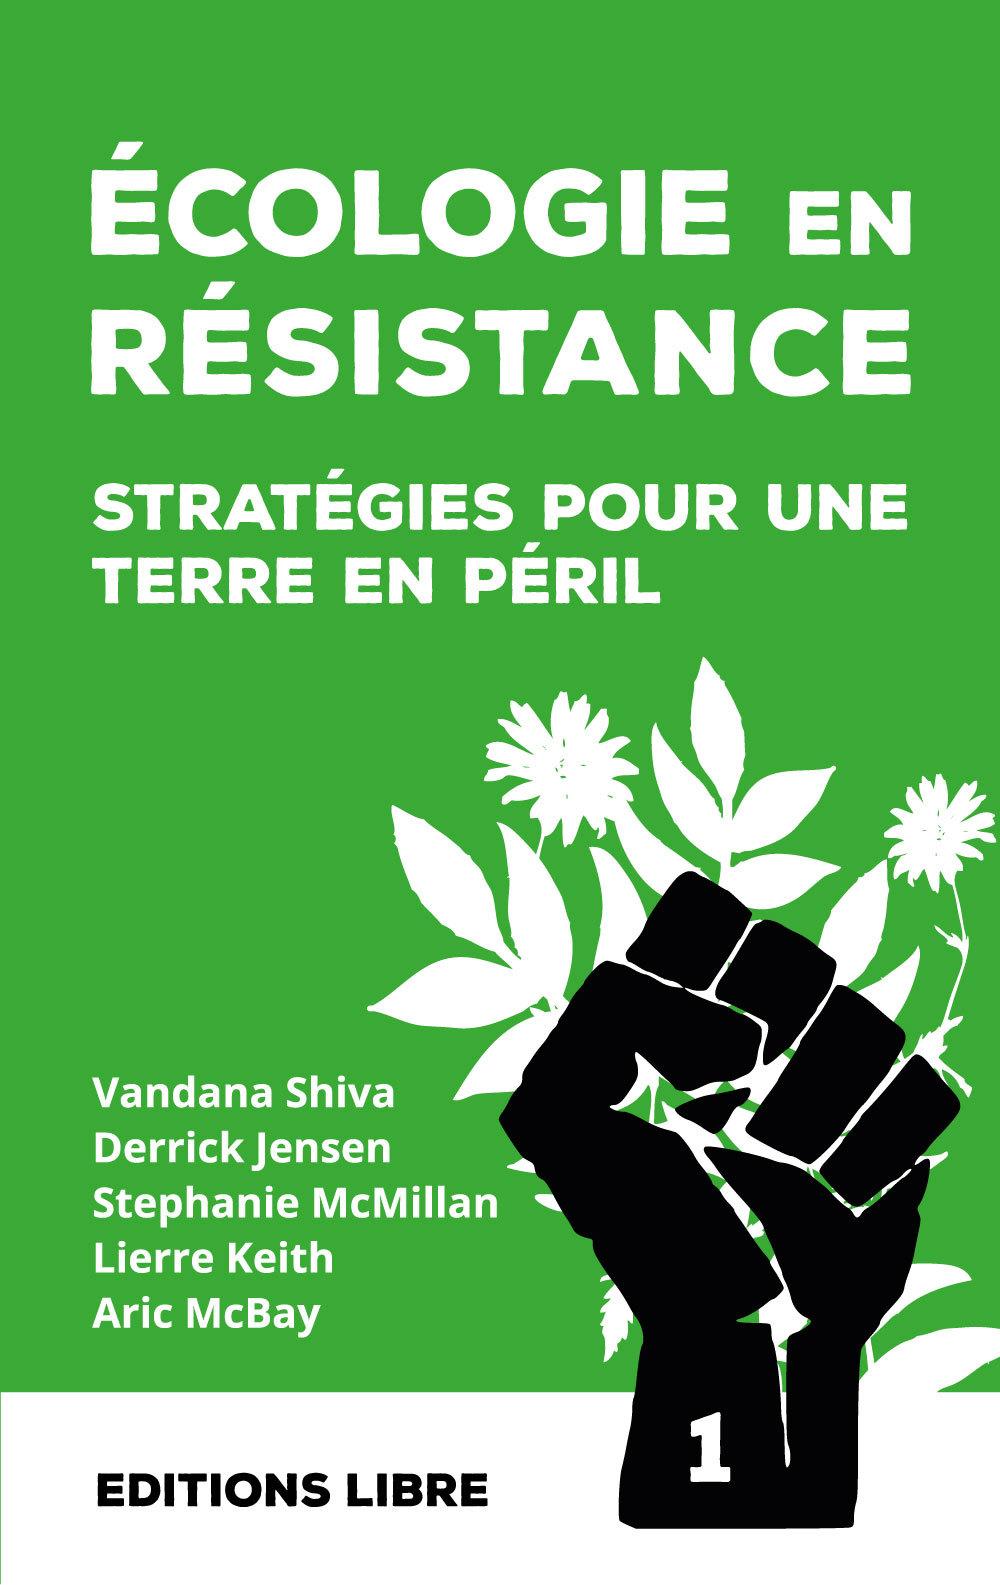 ECOLOGIE EN RESISTANCE STRATEGIES POUR UNE TERRE EN PERIL VOL. 1